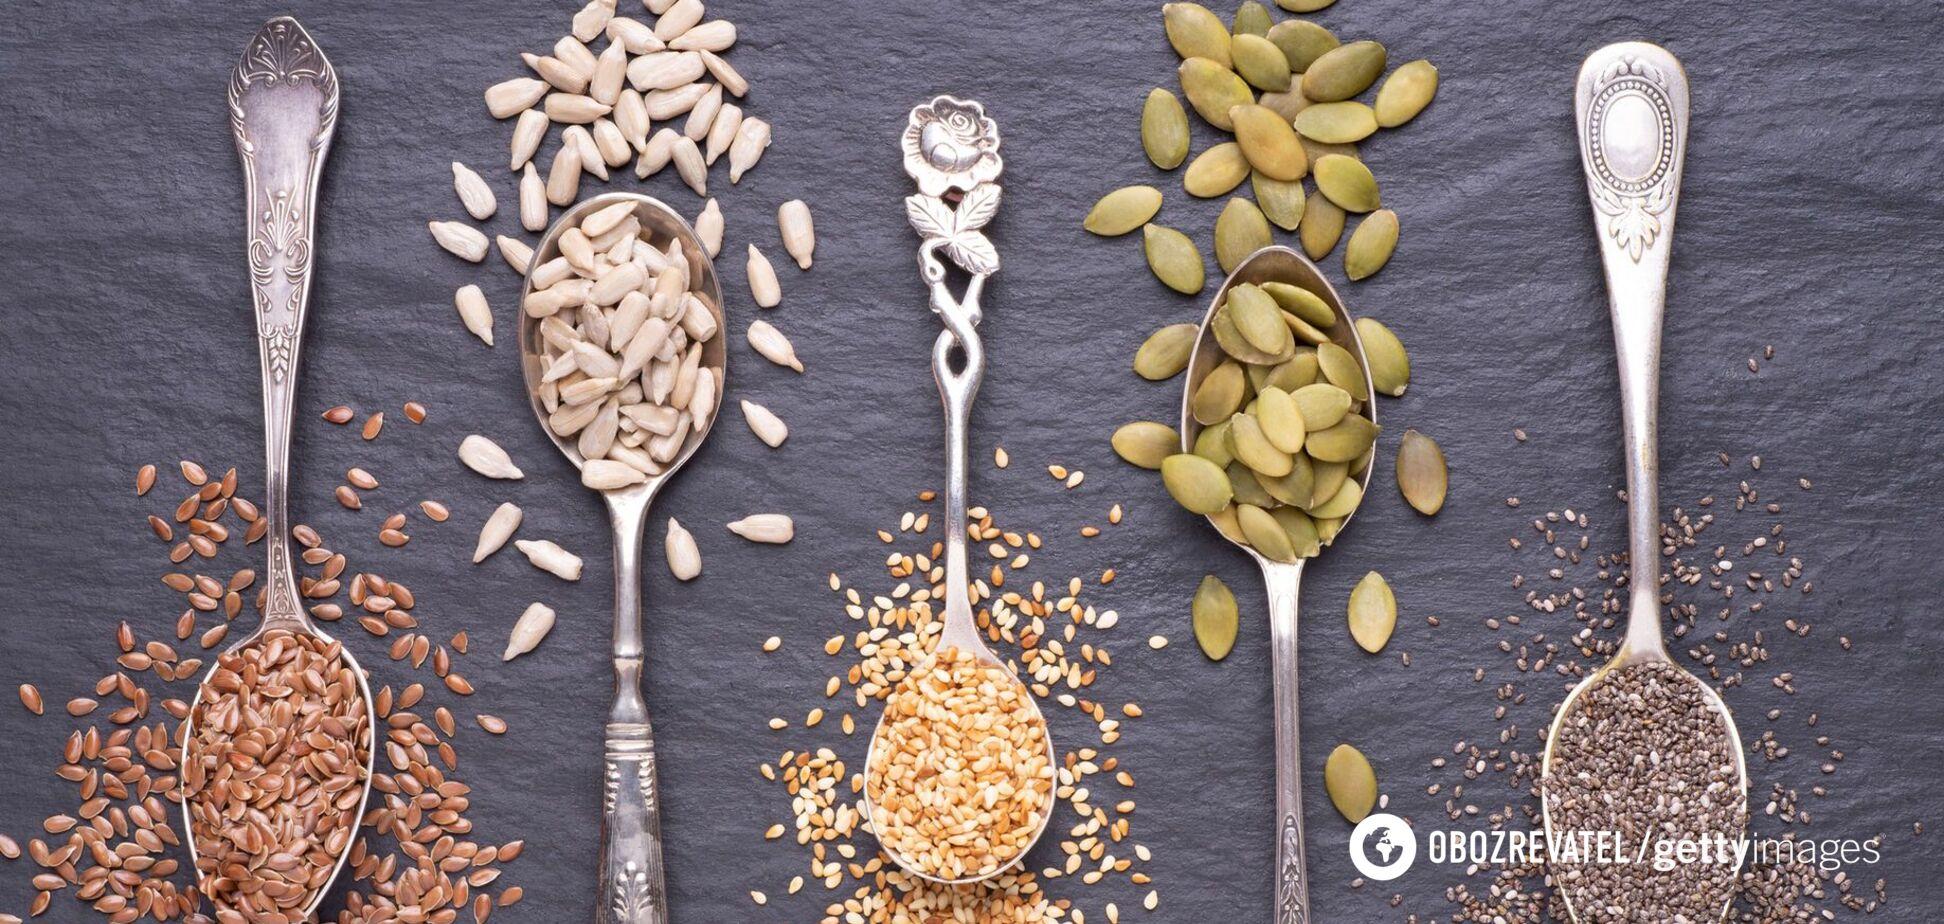 Насіння льону є джерелом ненасичених жирних кислот